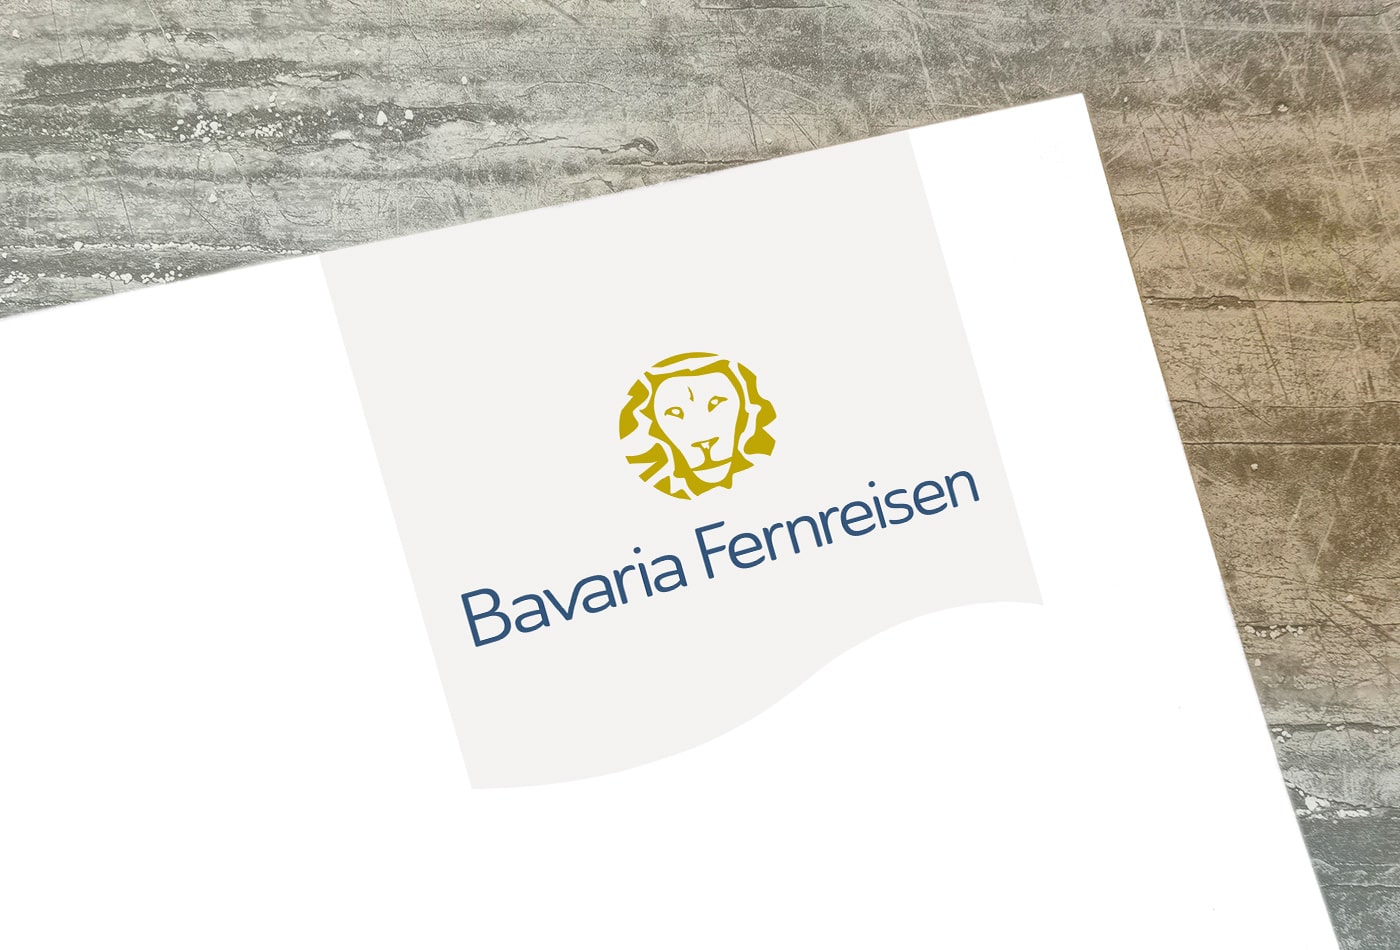 wildefreunde-kunde-bavariafernreisen-logo-1400x950-min